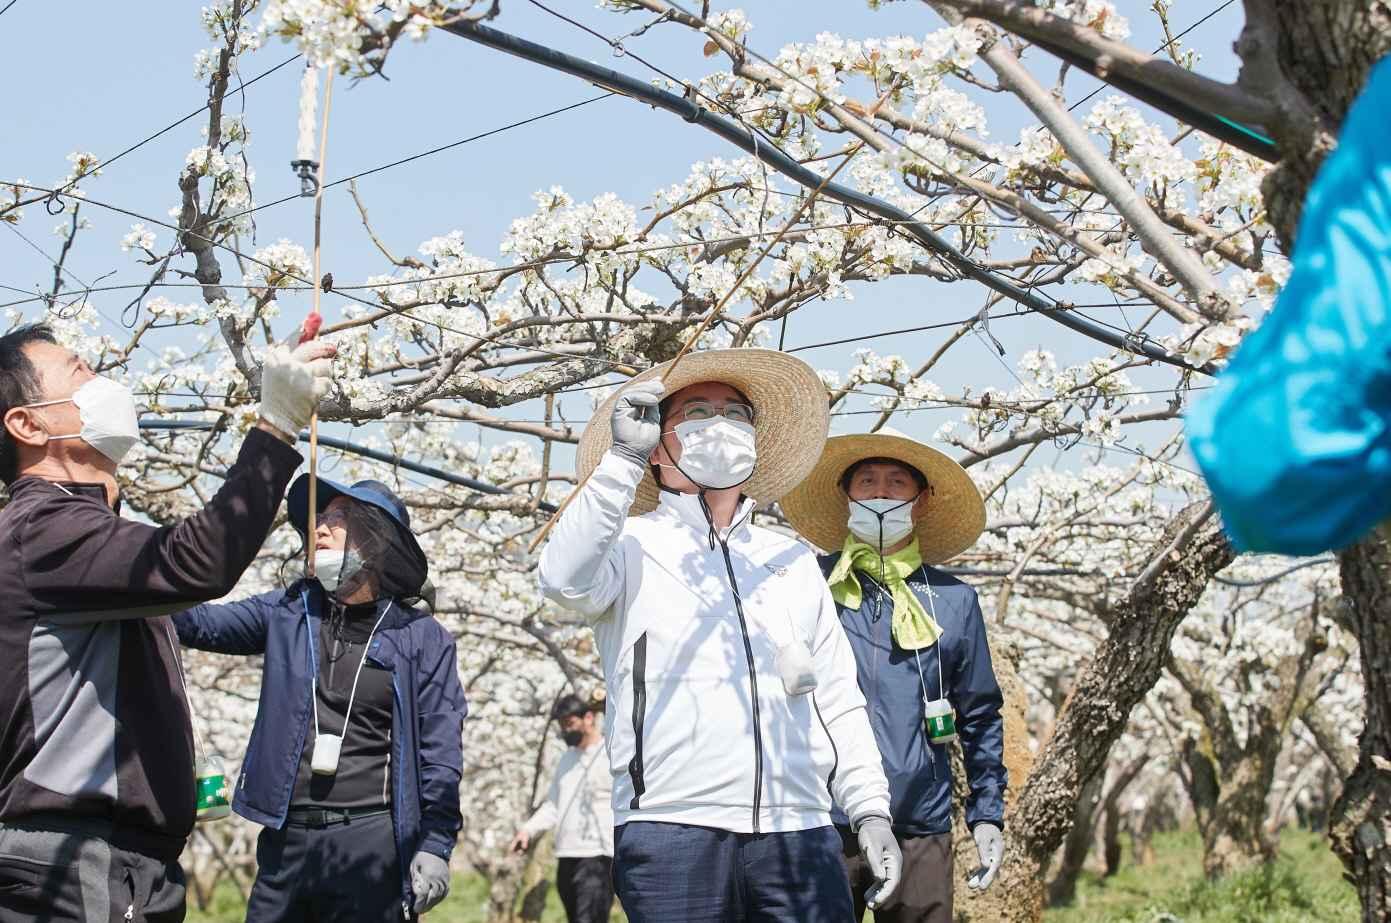 오세현 아산시장, 농촌일손돕기 현장 속으로 관련사진